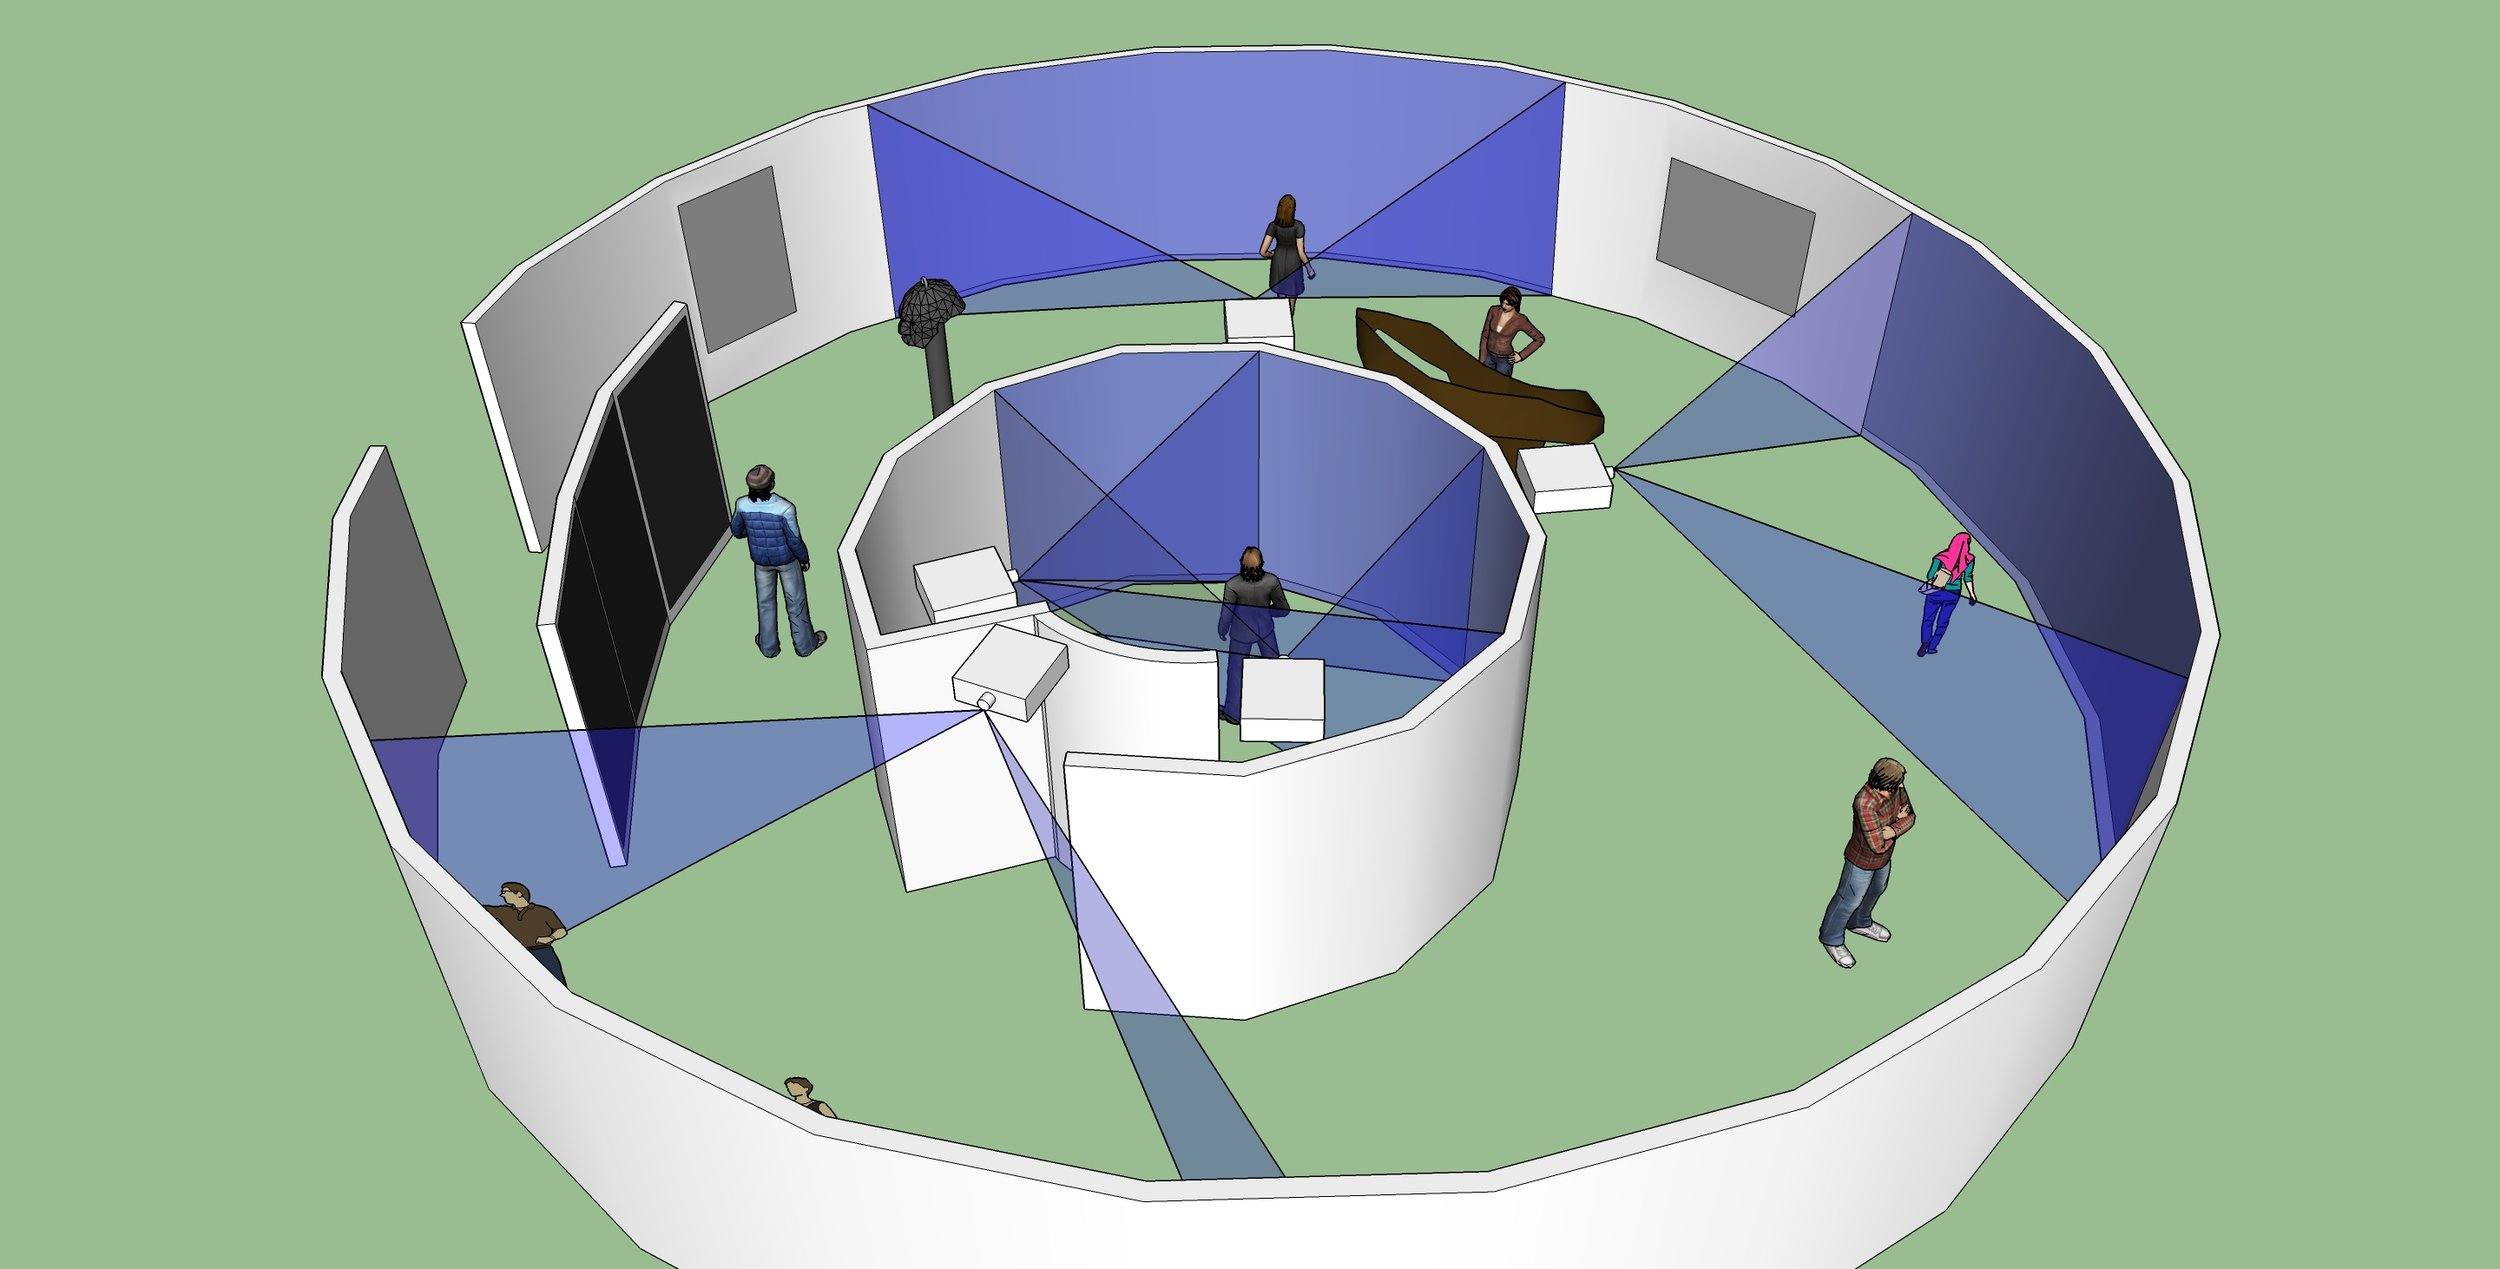 3D model 3 - isometric 5.jpg